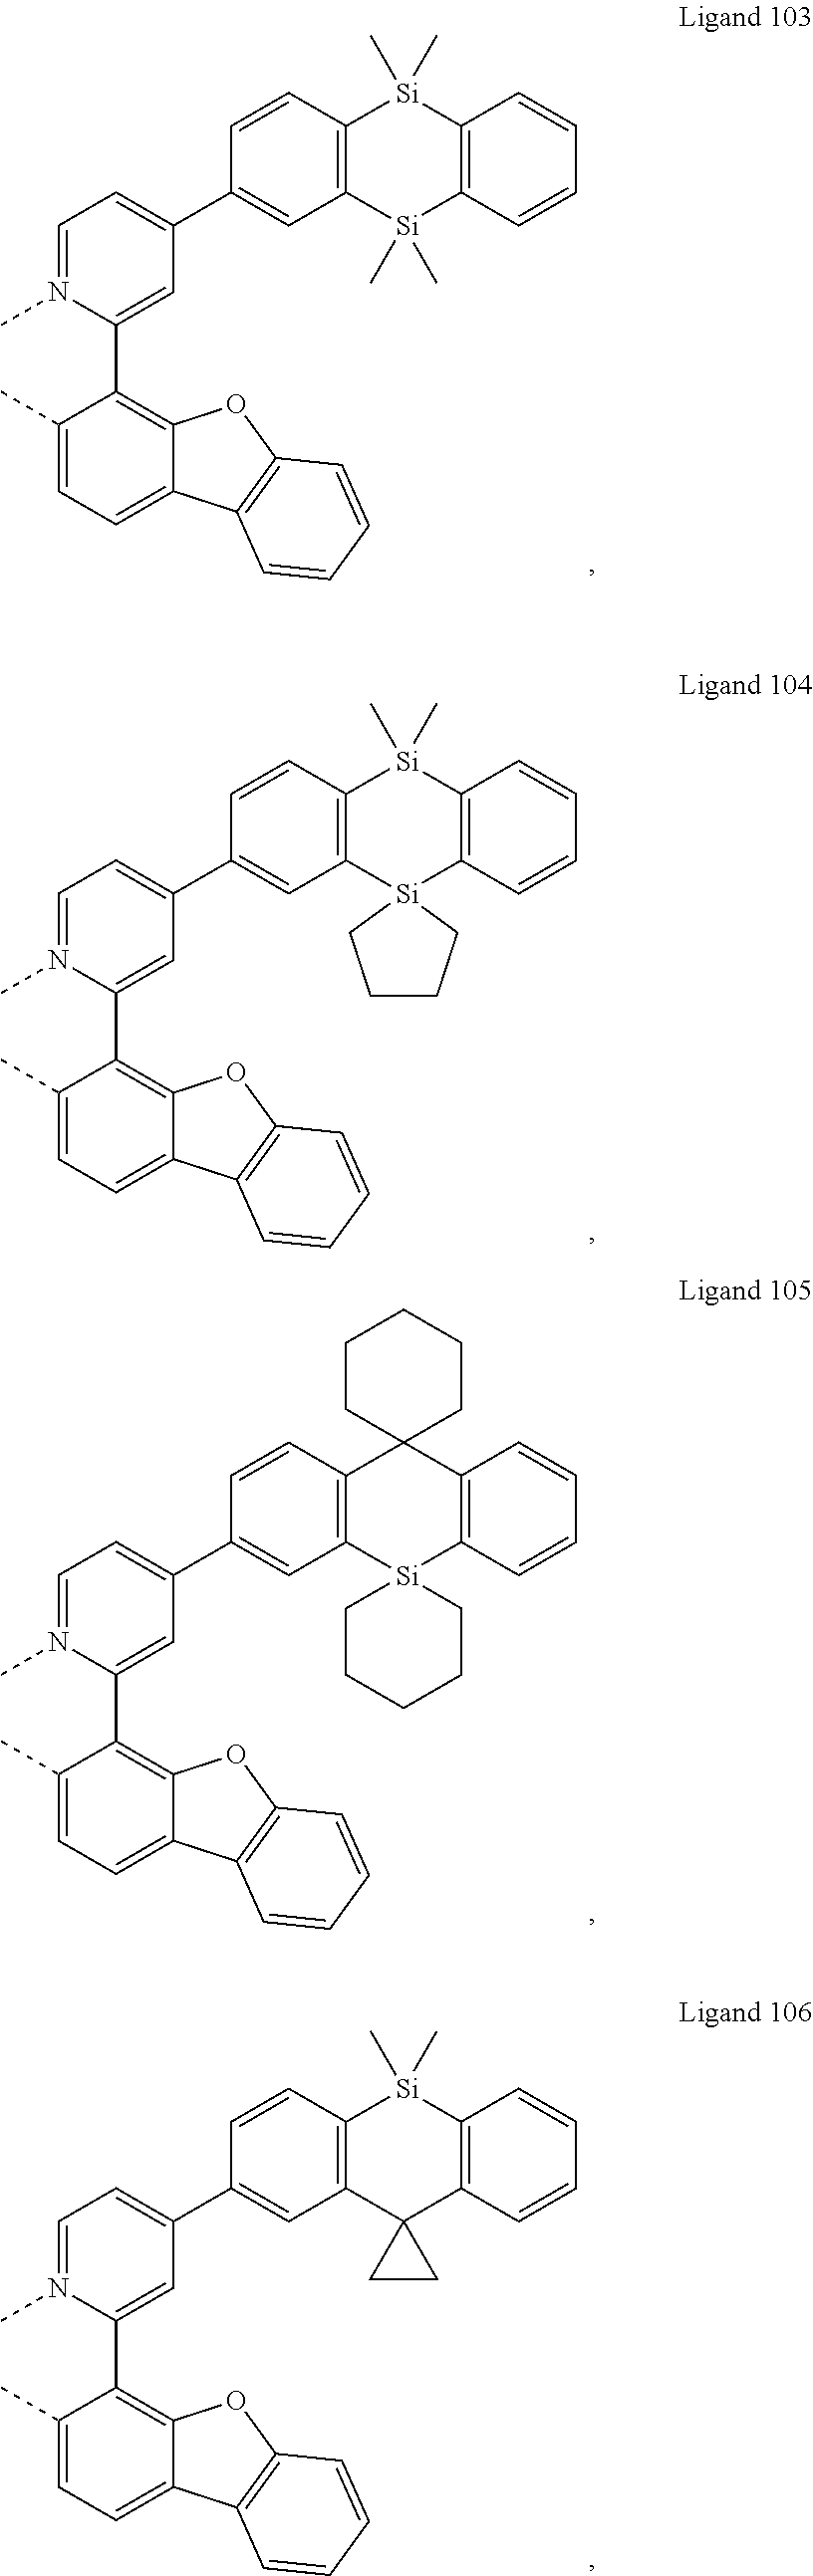 Figure US20180130962A1-20180510-C00252